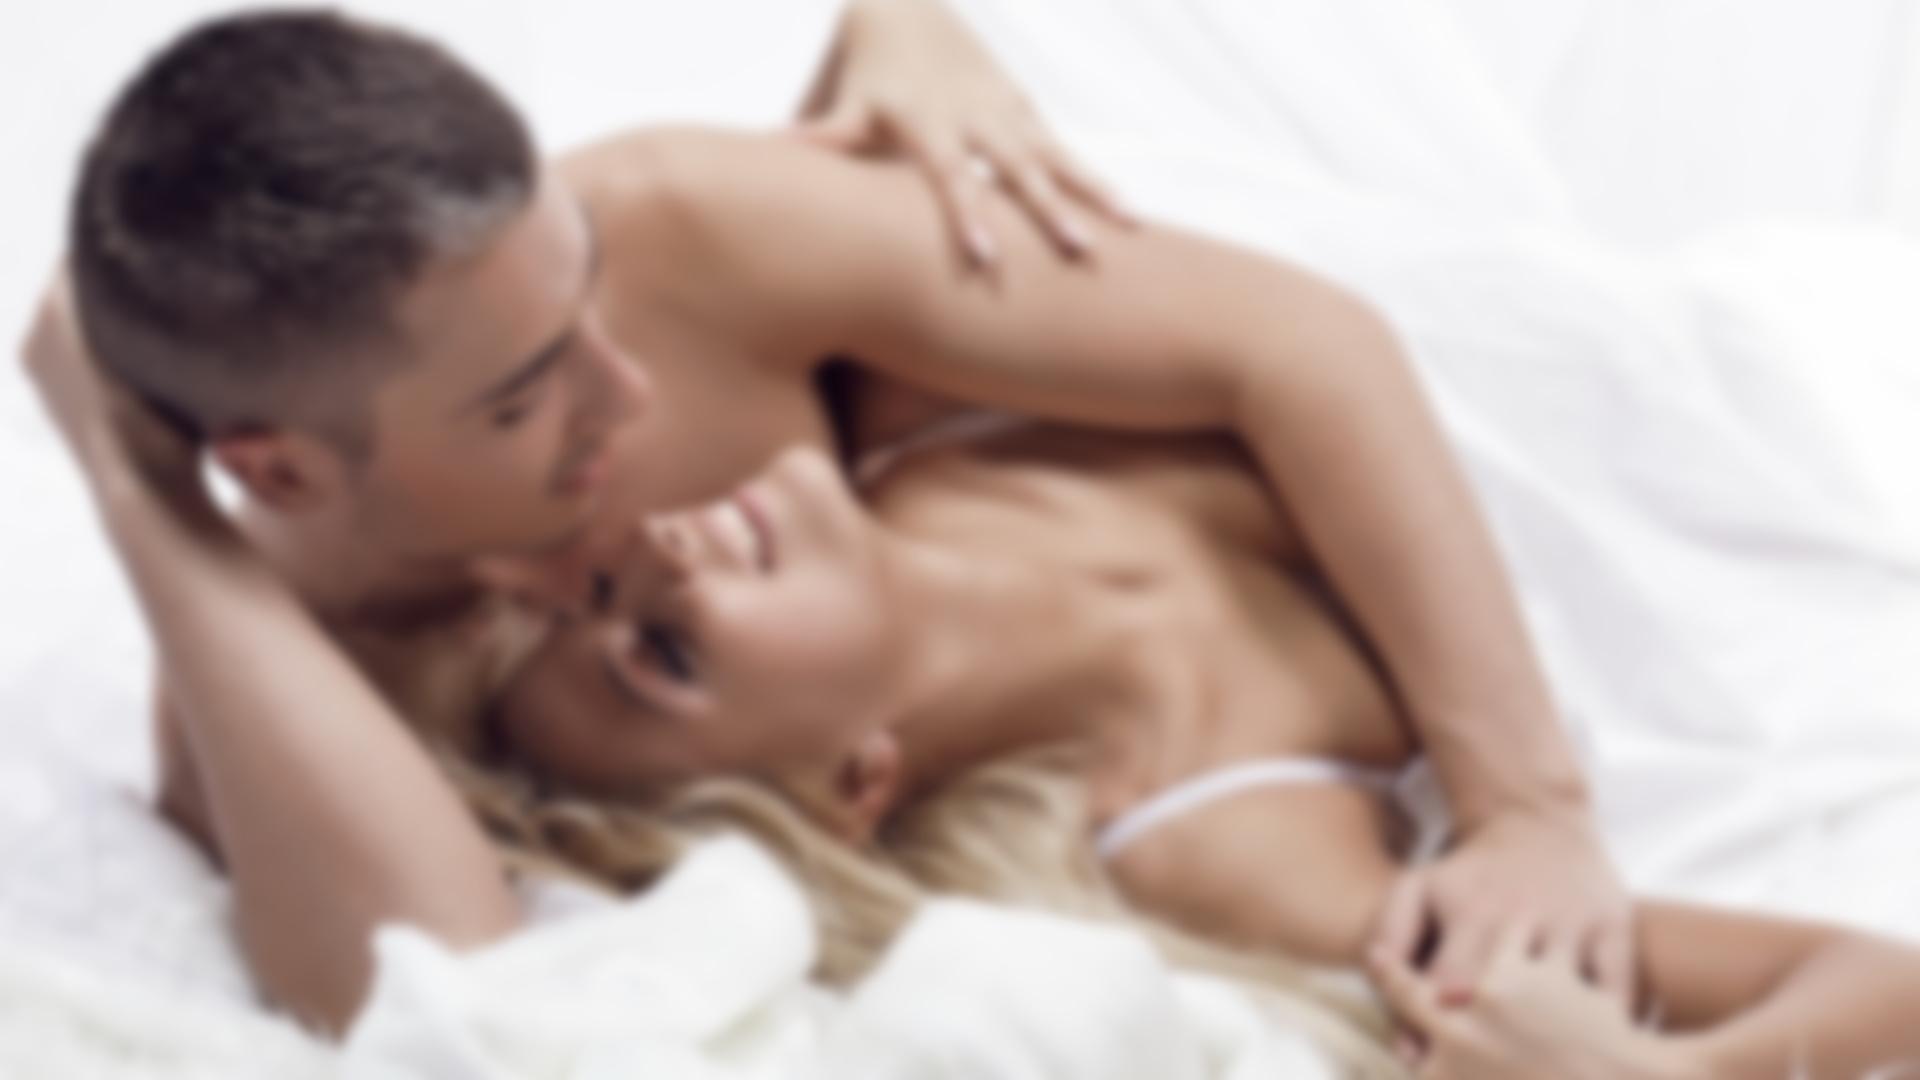 Сам себе сексуальный партнер